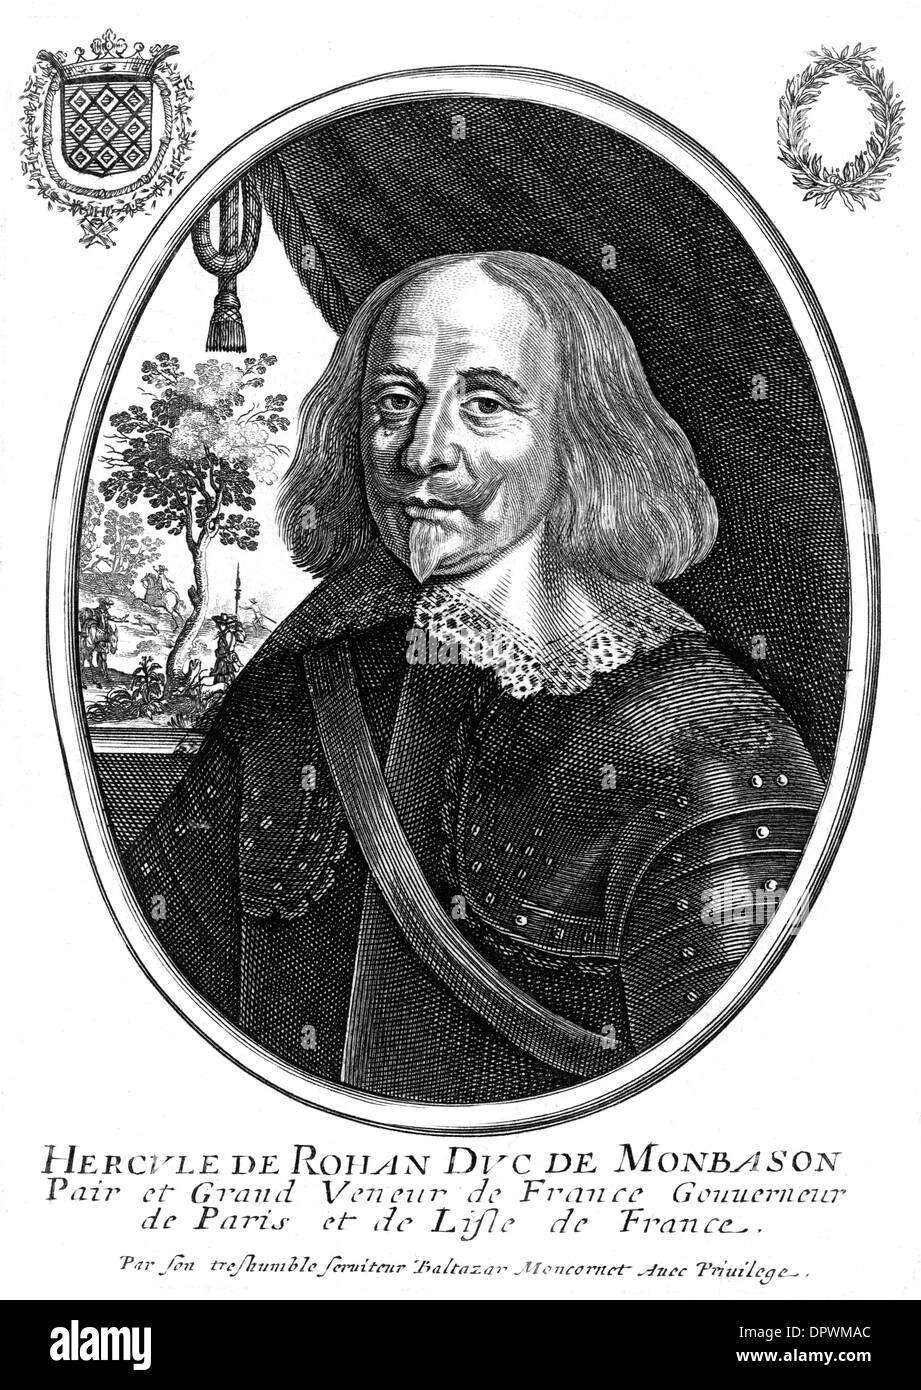 HERCULE DUC DE ROHAN - Stock Image